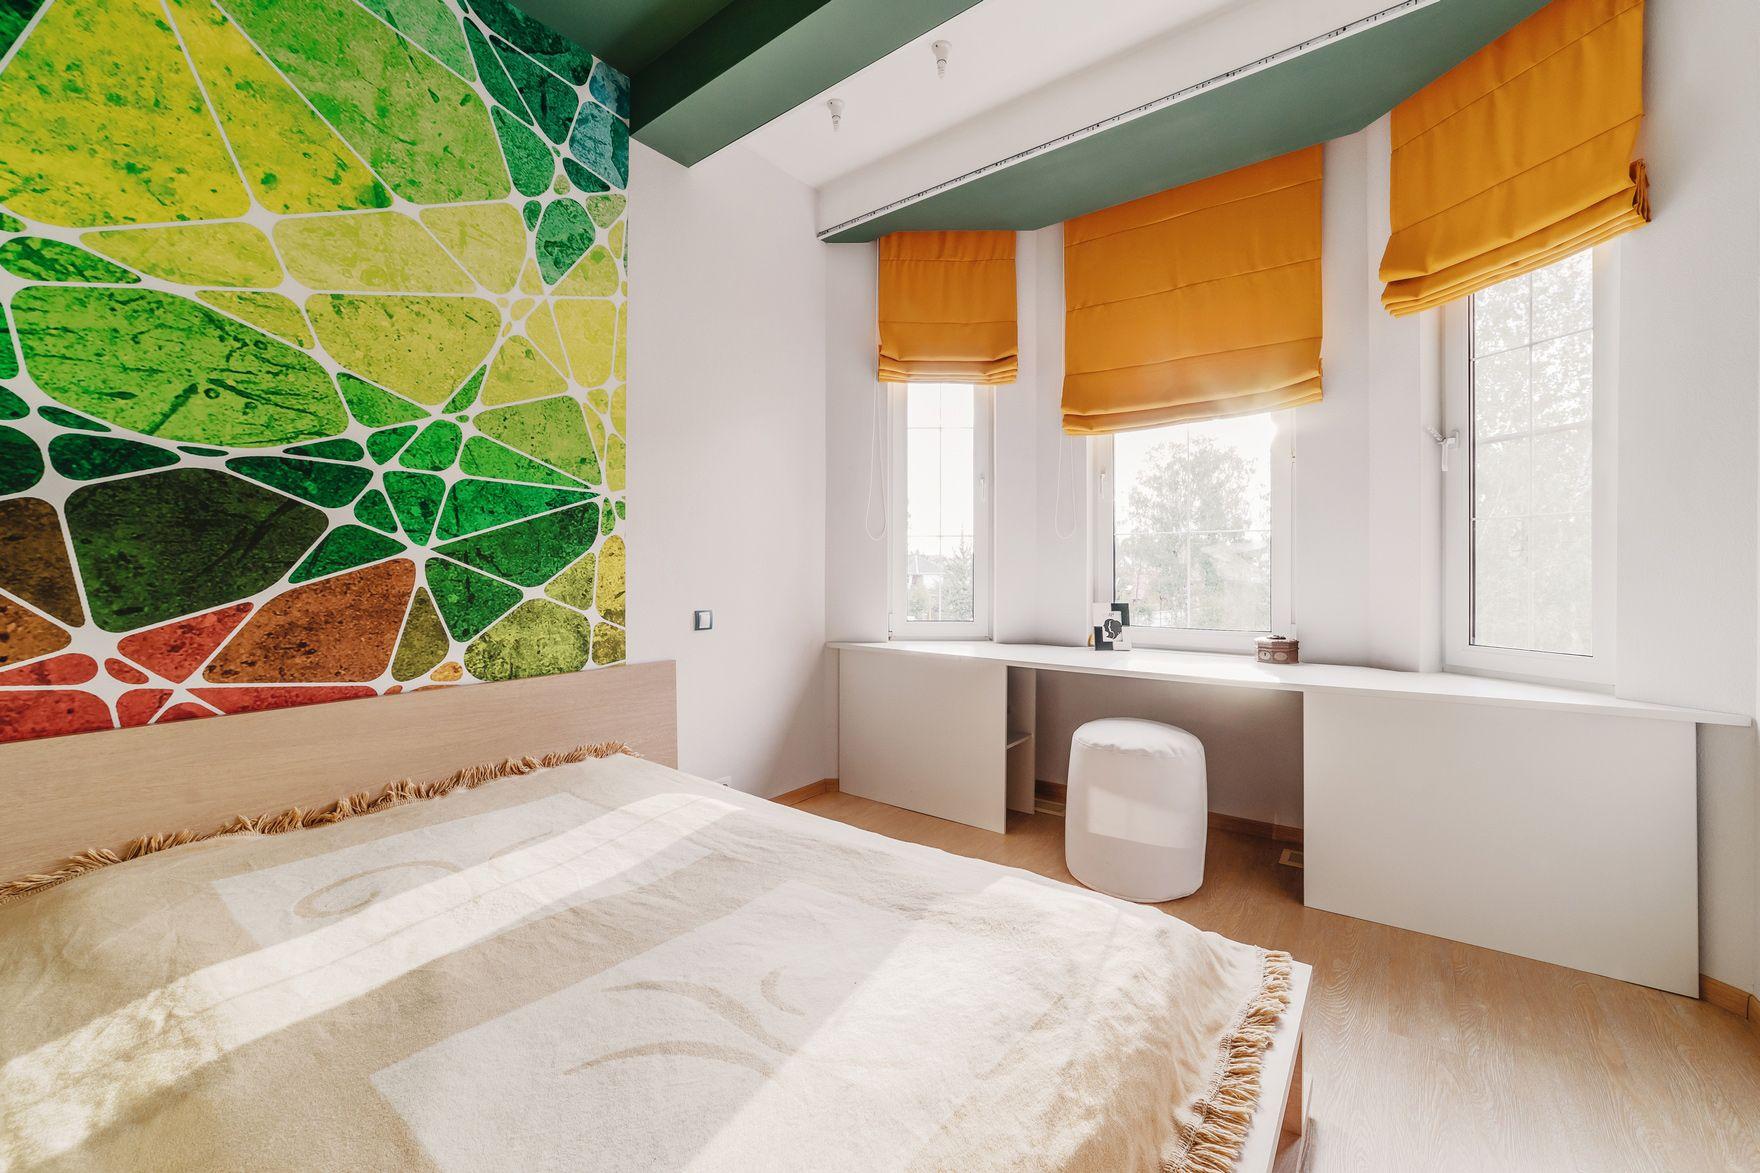 Оранжево-зеленые акценты в интерьере спальни